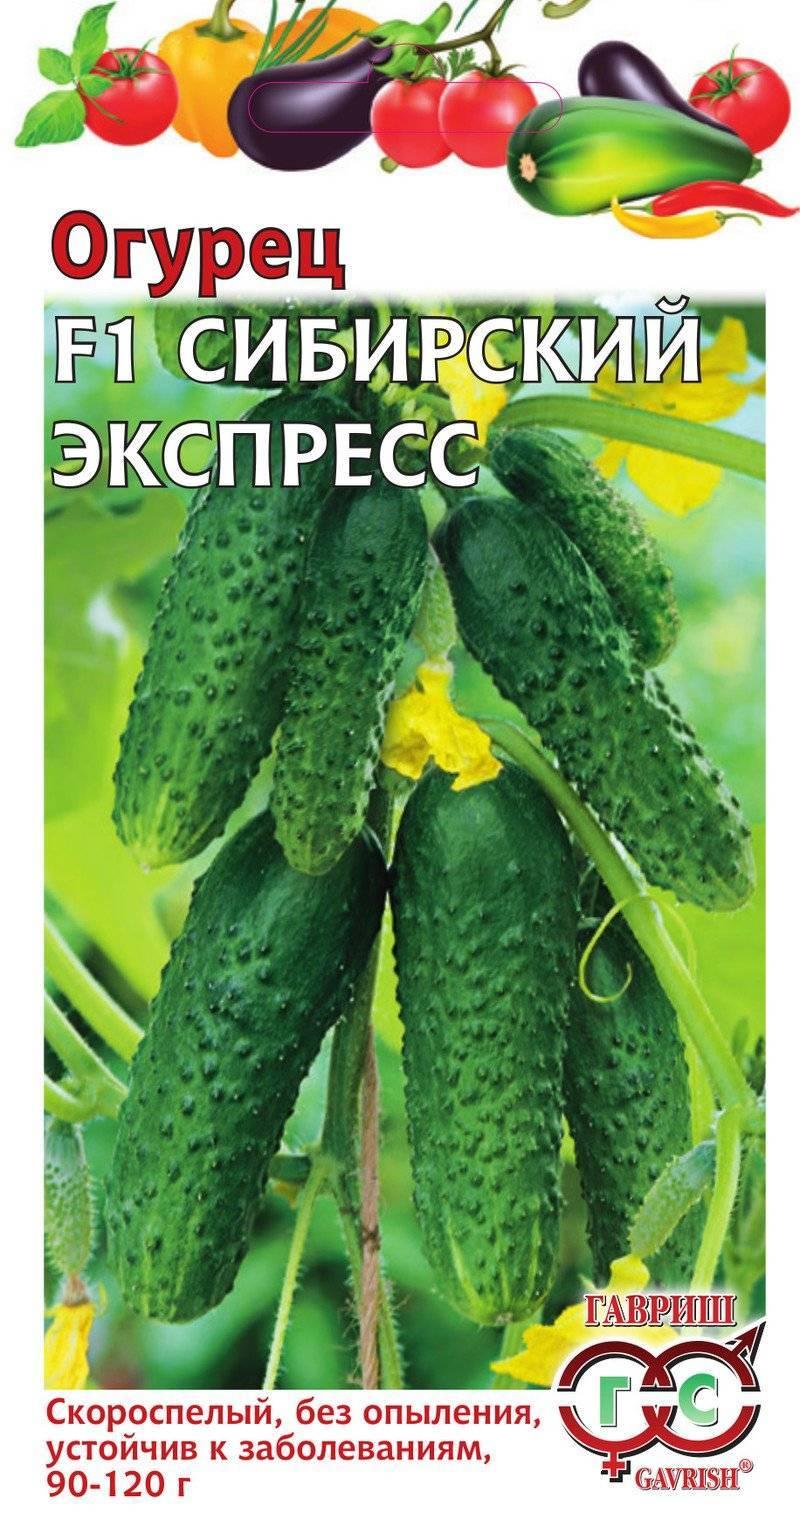 Описание сорта огурца Сибирский экспресс, особенности выращивания и ухода